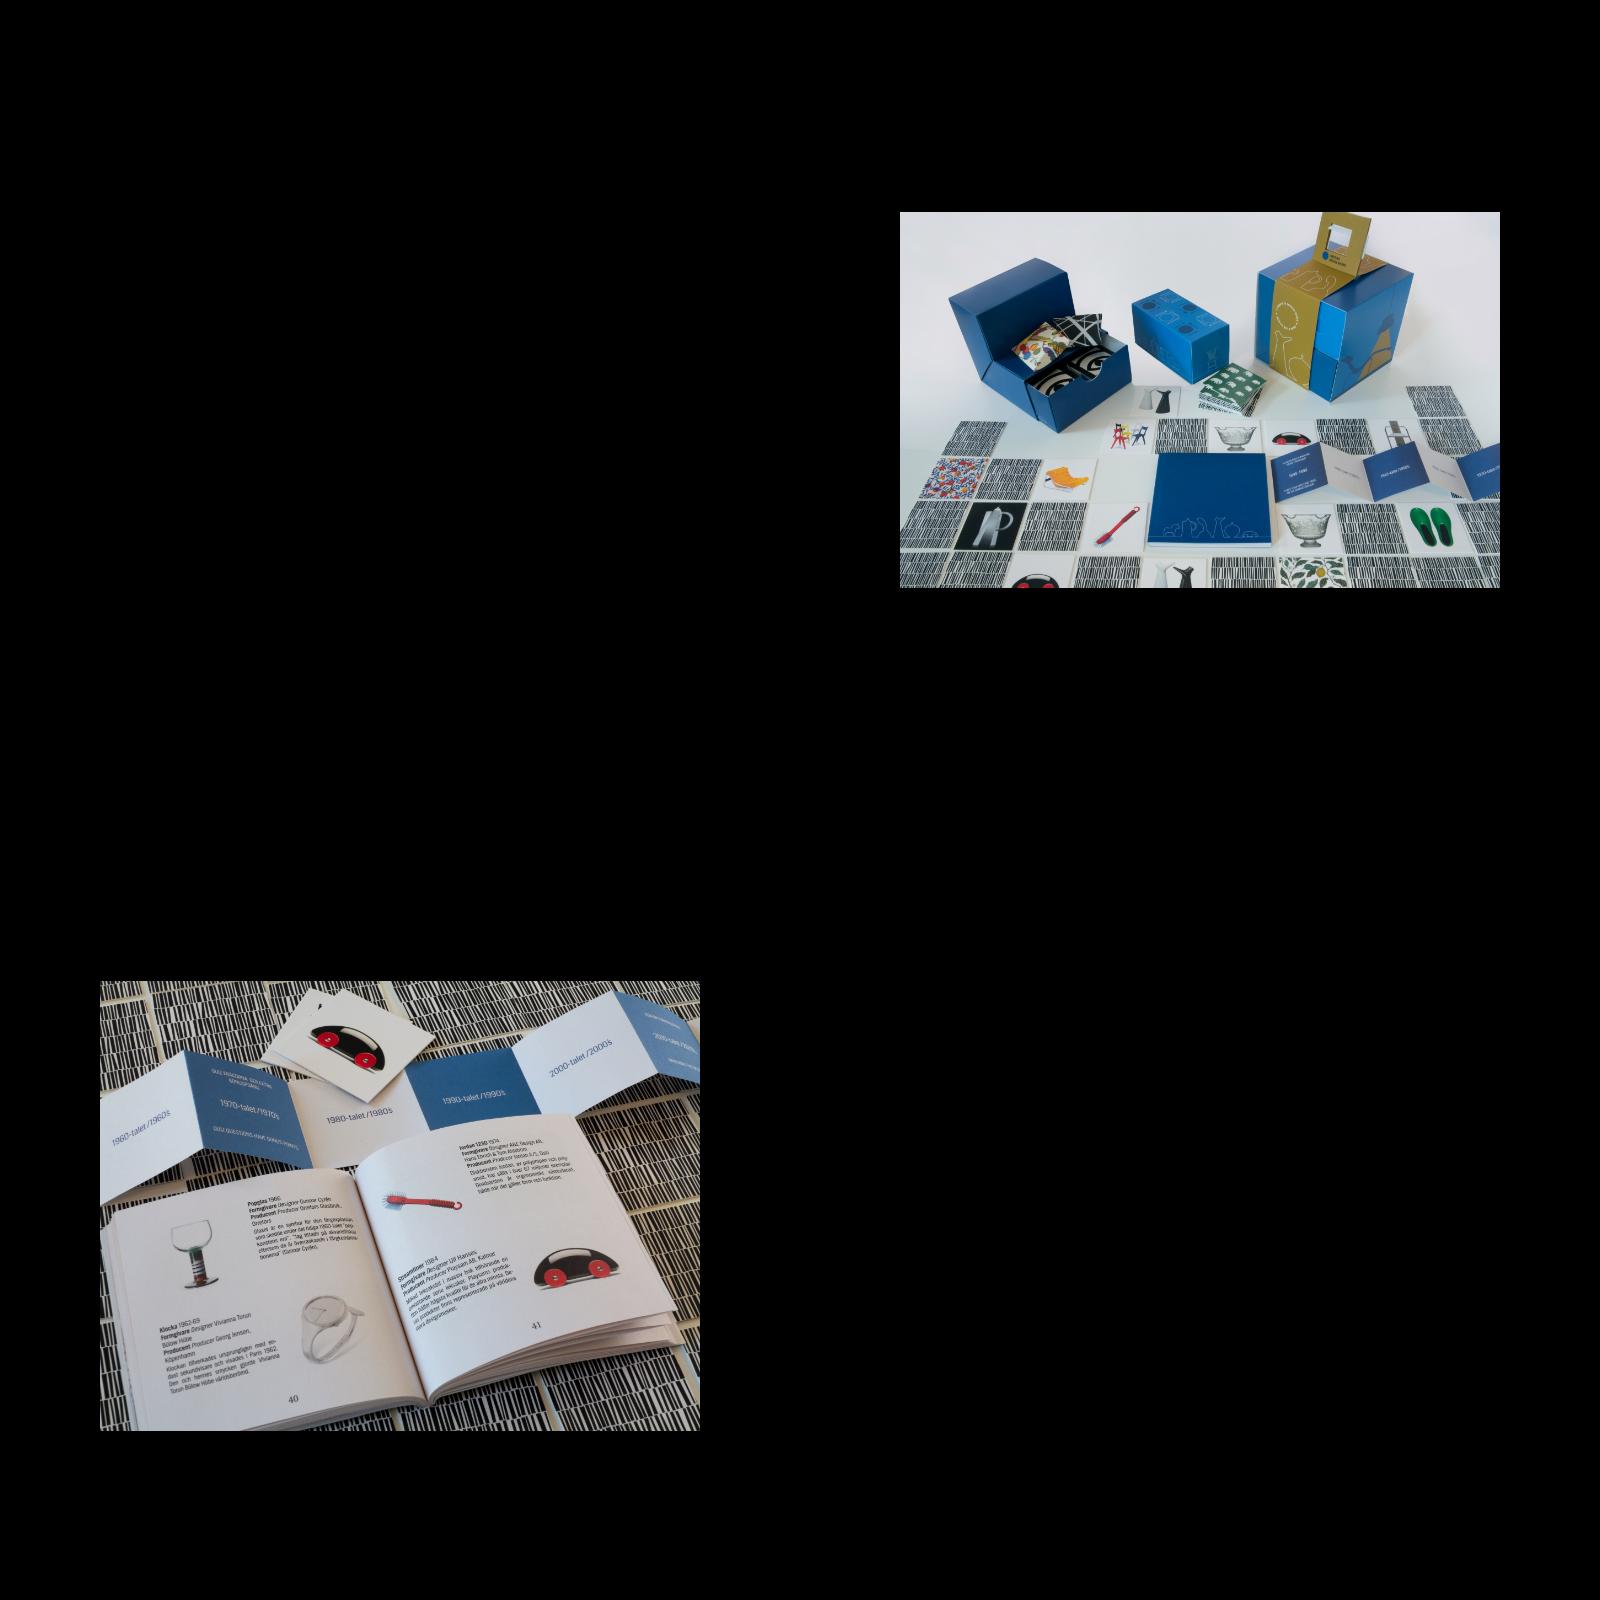 Delarna i Swedish Design Memo. Bilden nere till vänster visar spelbrickor, spelplan till quiz och boken som är facit och uppslagsverk. Foto: Fredrika Berghult.